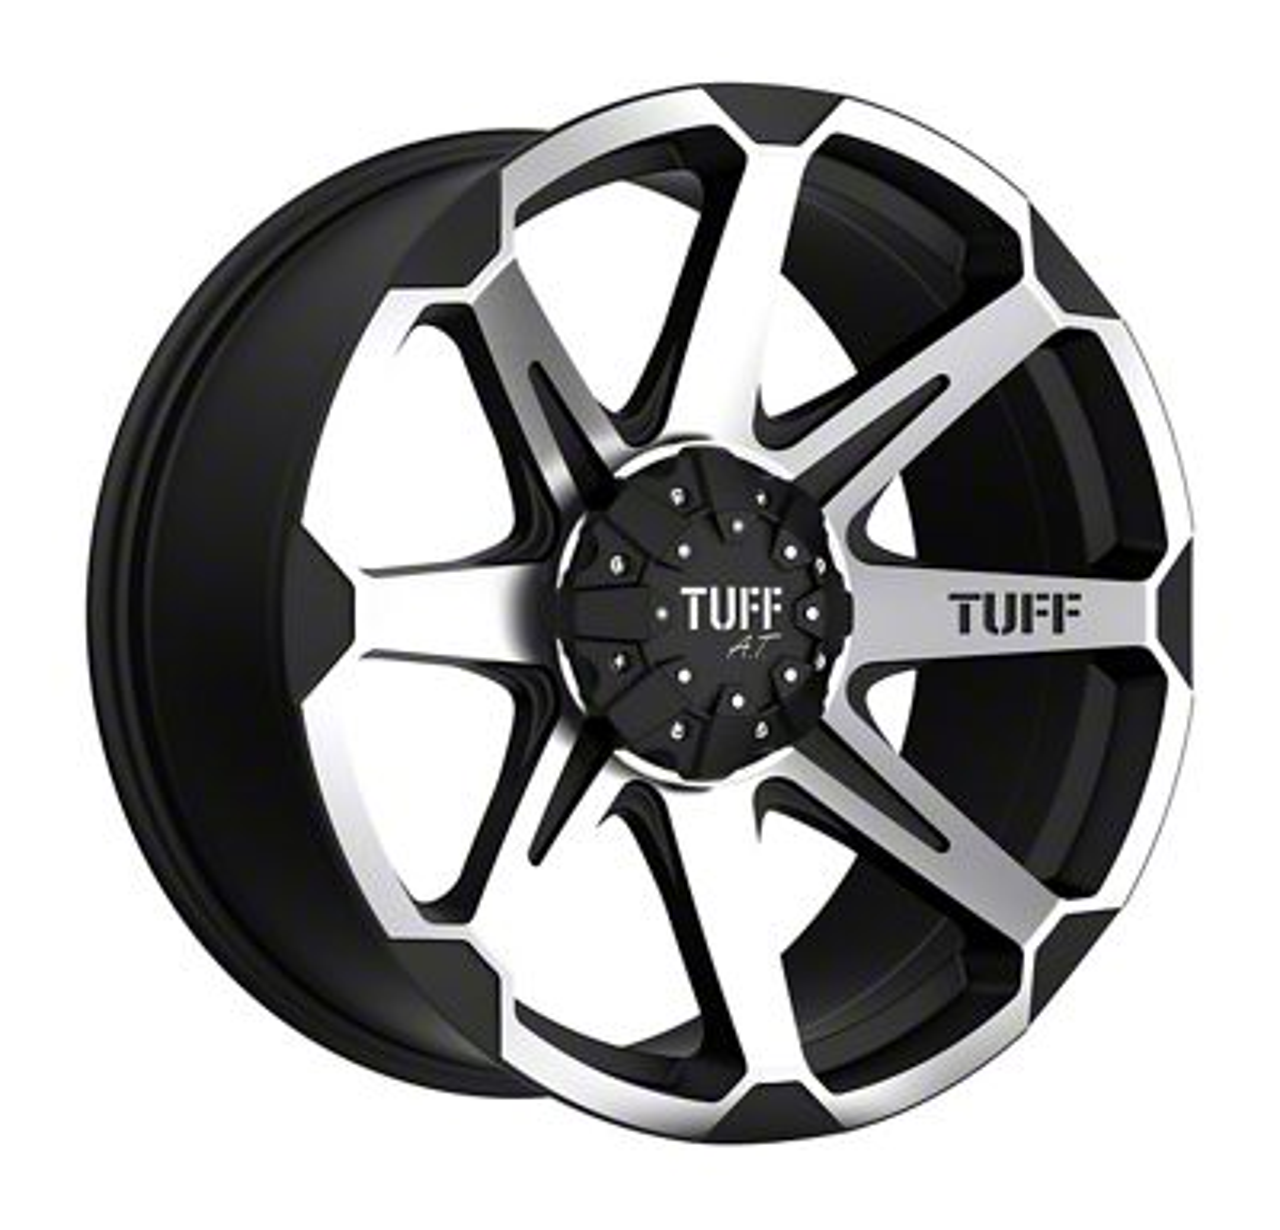 Tuff A.T. T05 Flat Black Machined 5-Lug Wheel - 22x10 (97-03 F-150)